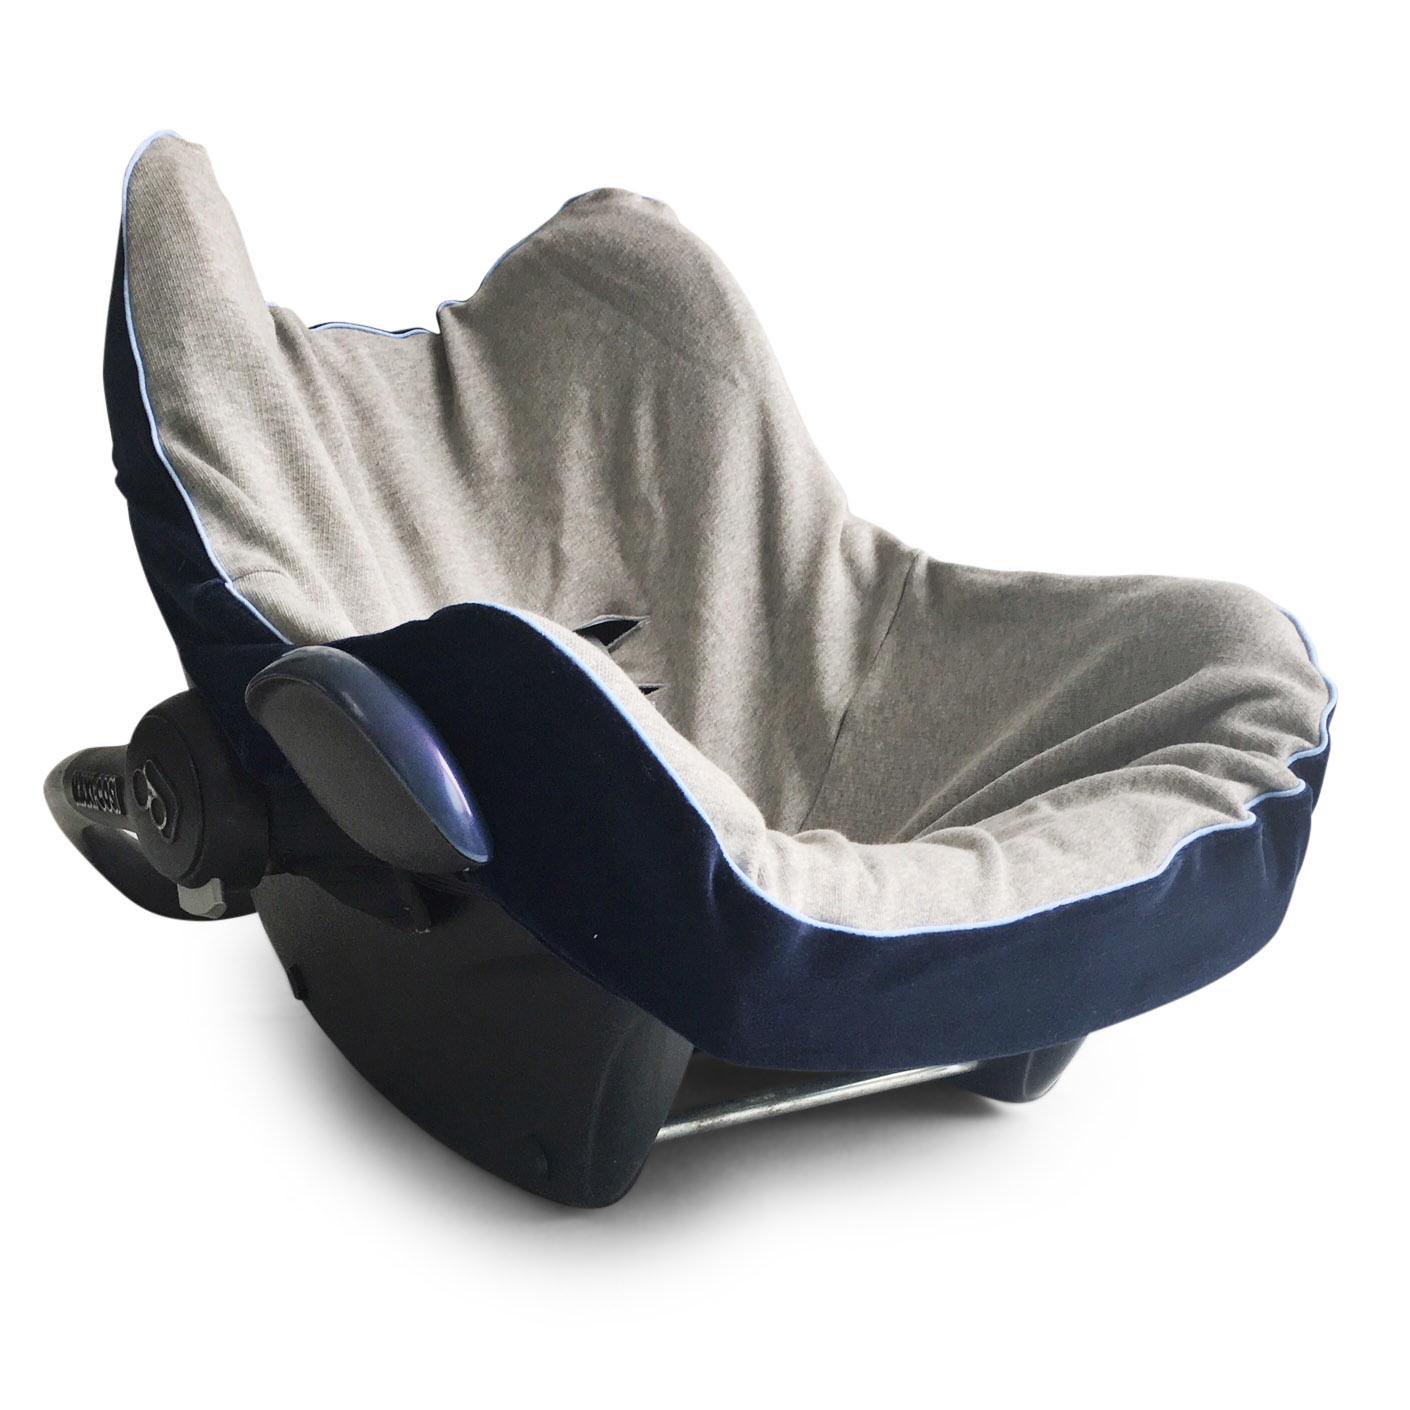 Hoes autostoel maxi cosi midnight express-1